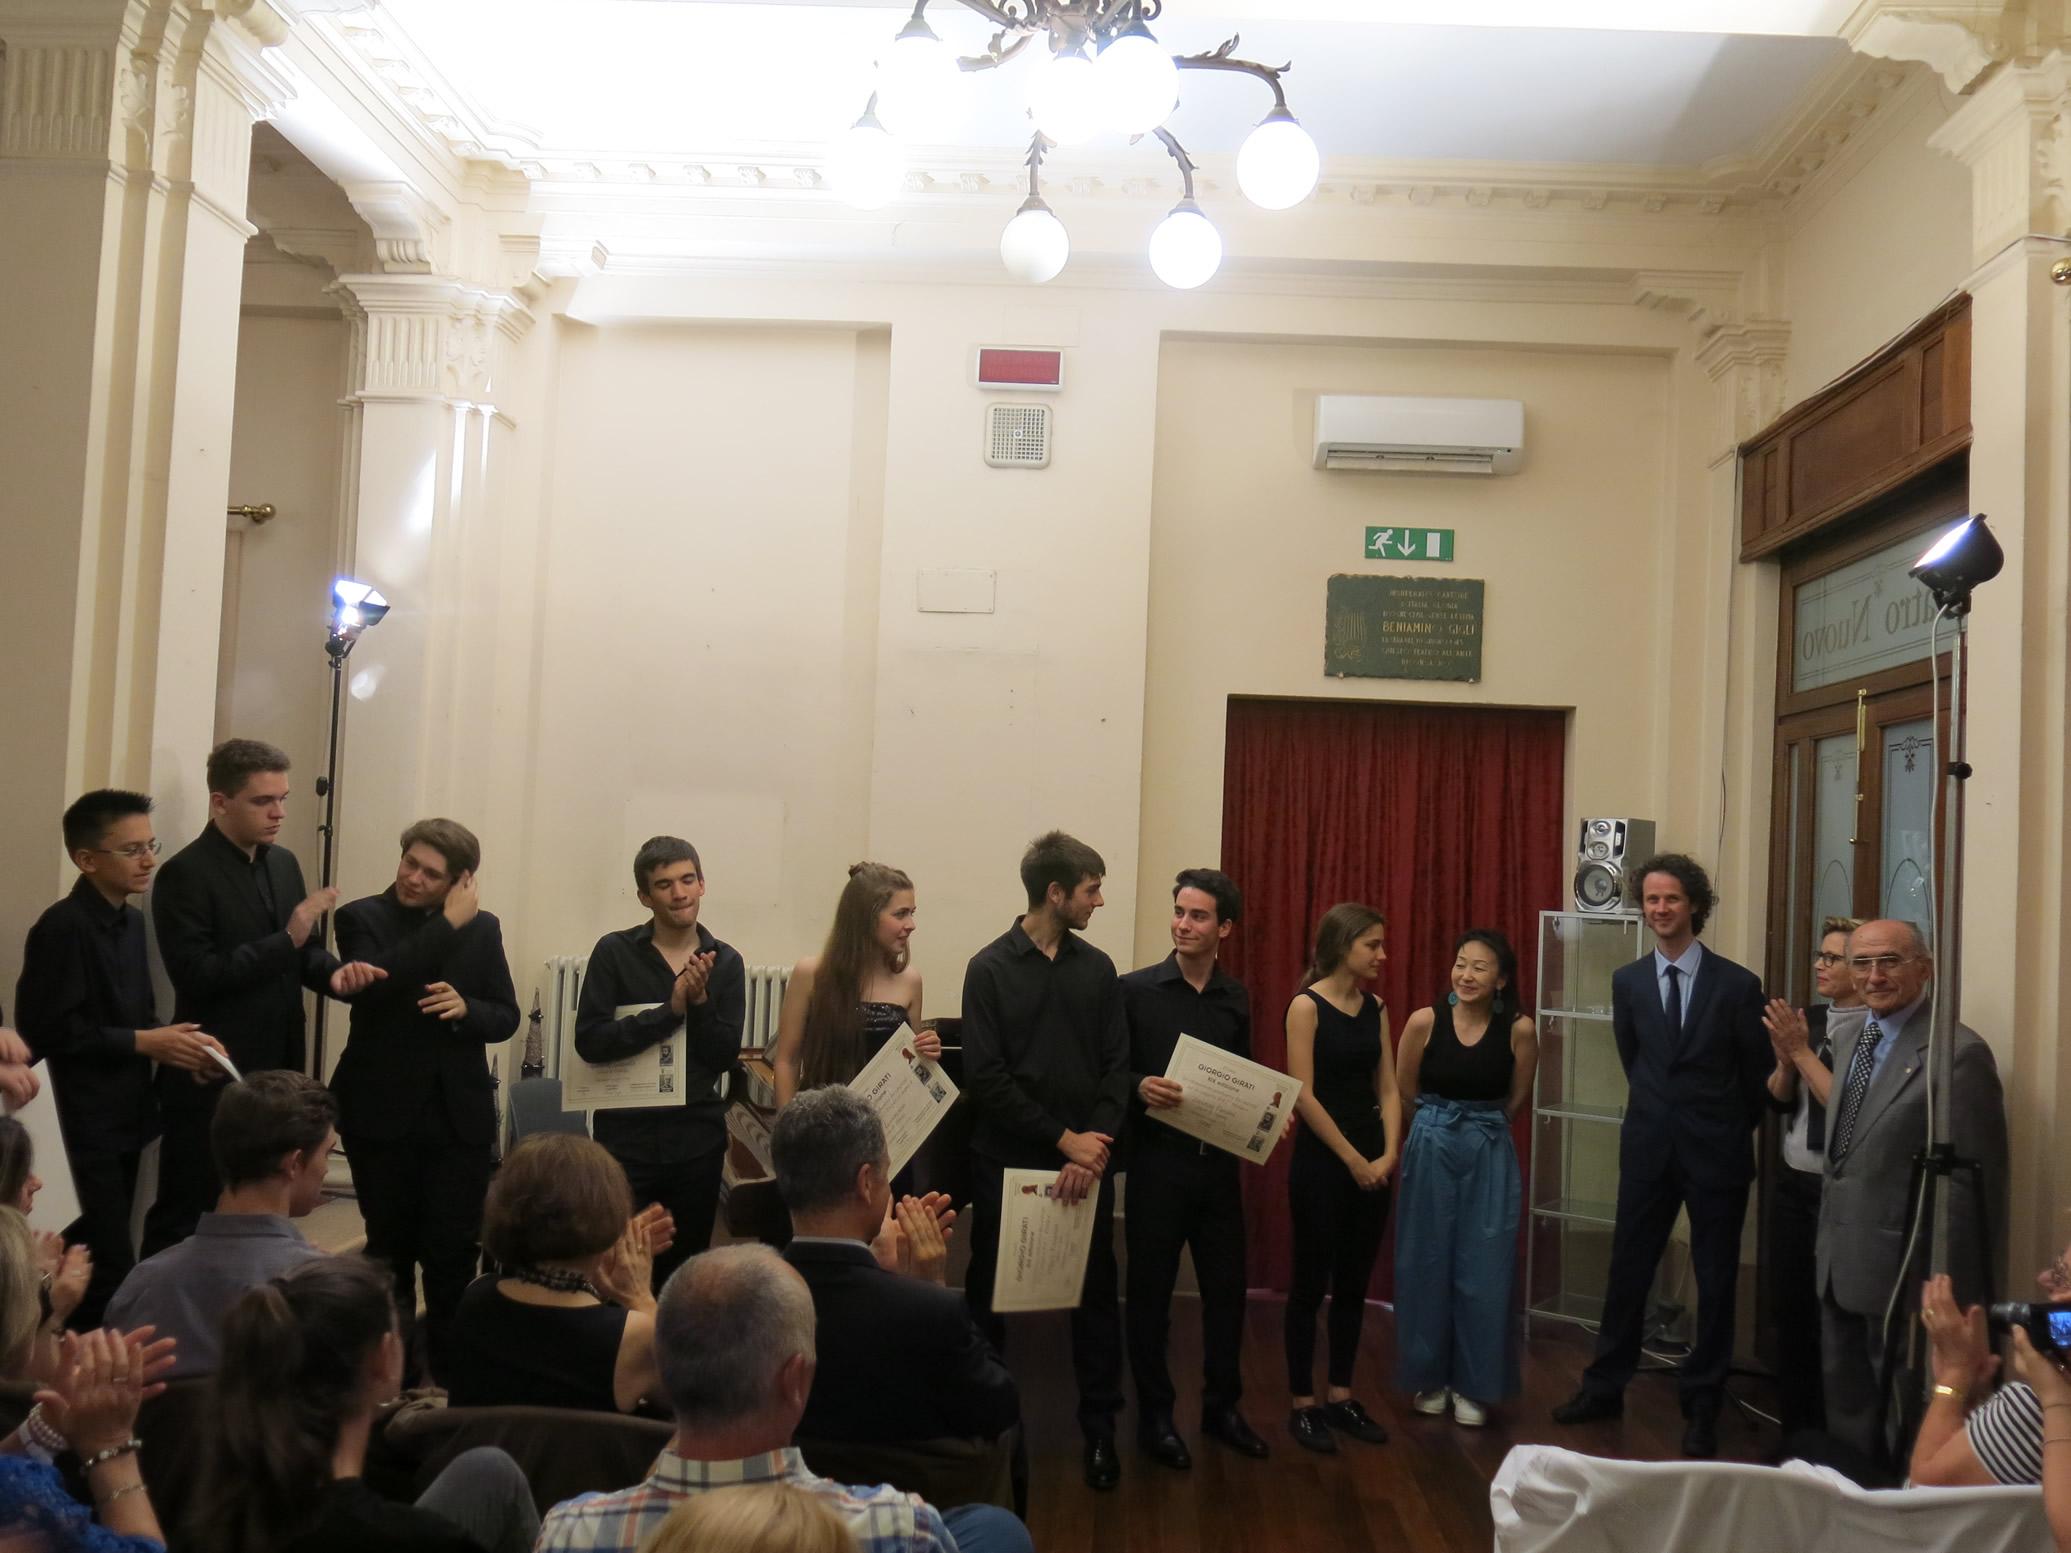 Premio Girati, XIX edizione, recensione